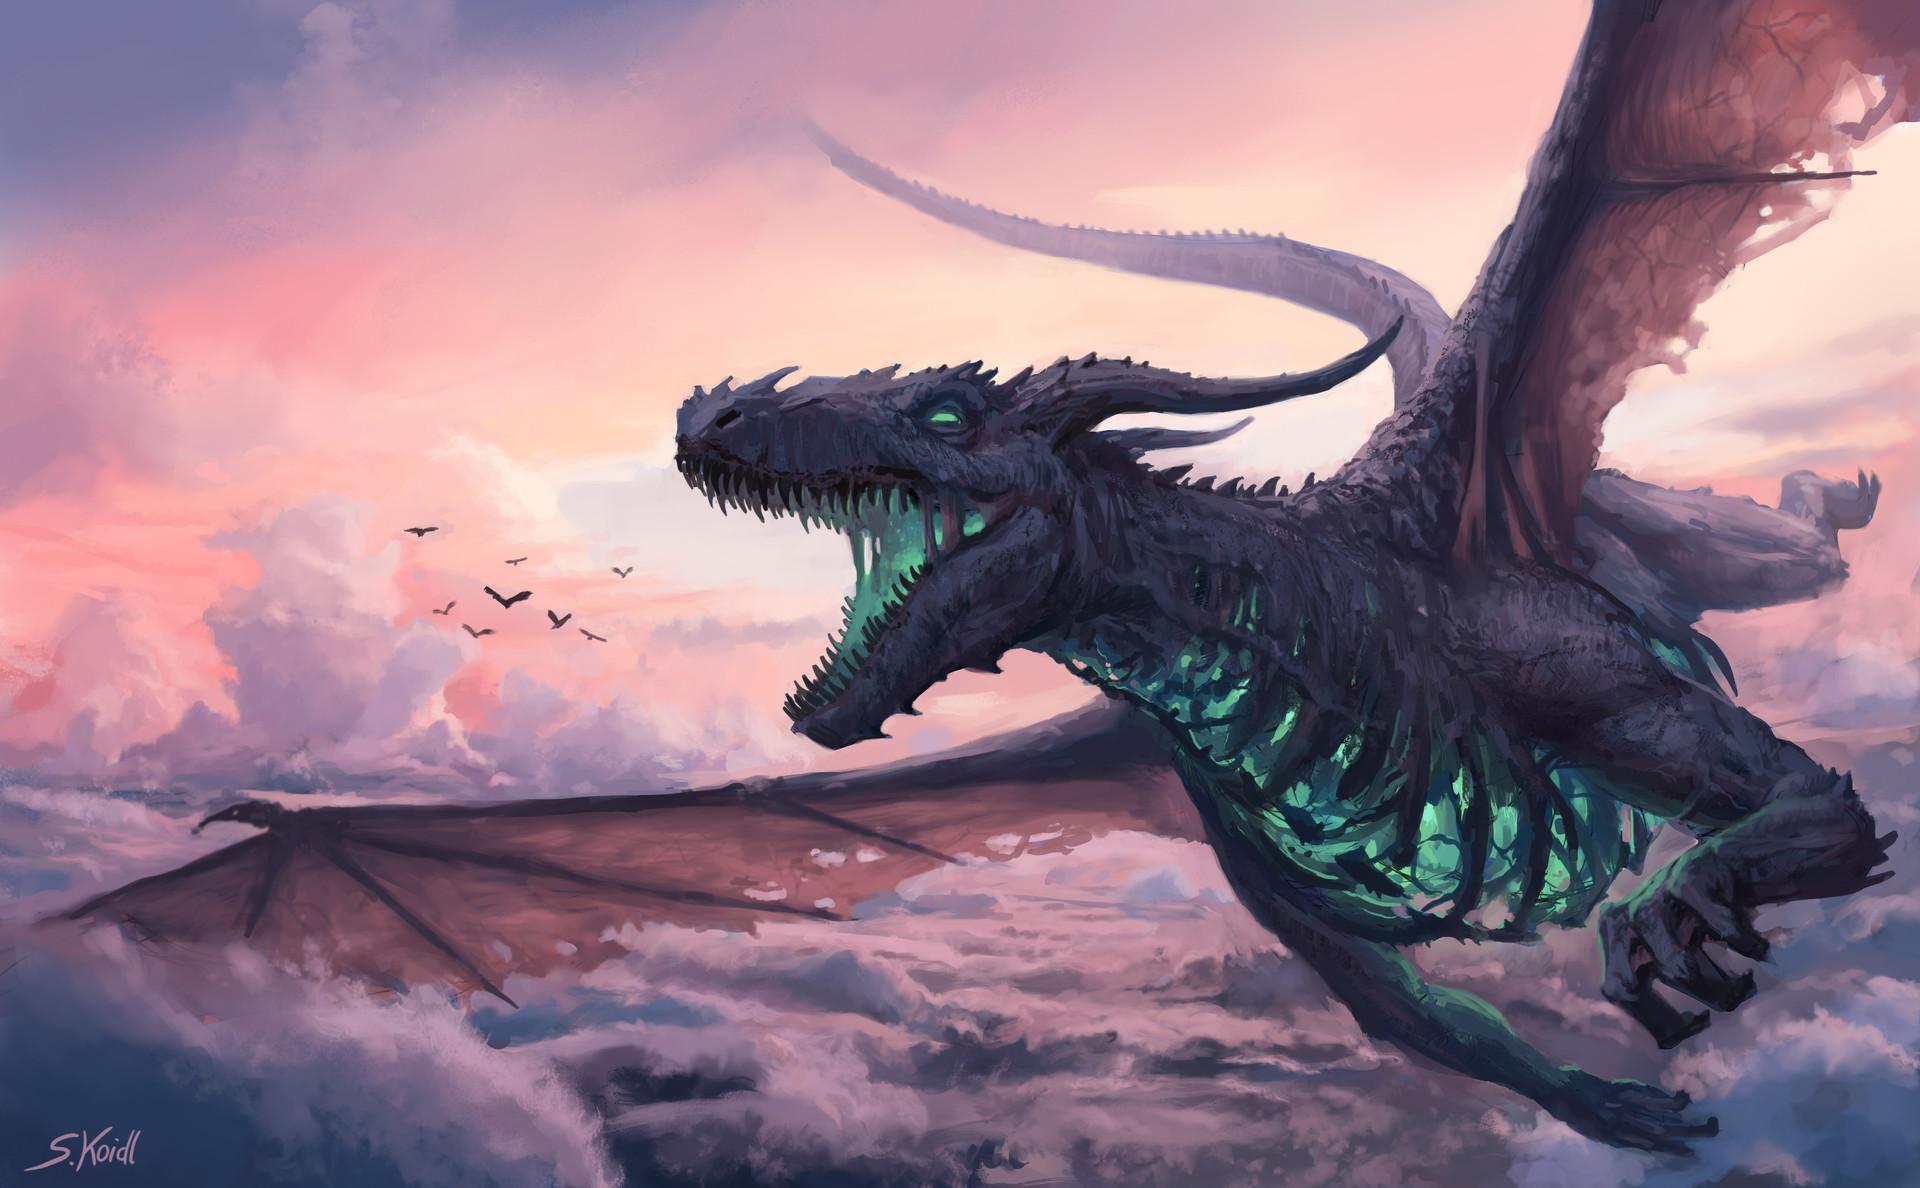 Stefan Koidl, Sky dragon, arte digitale